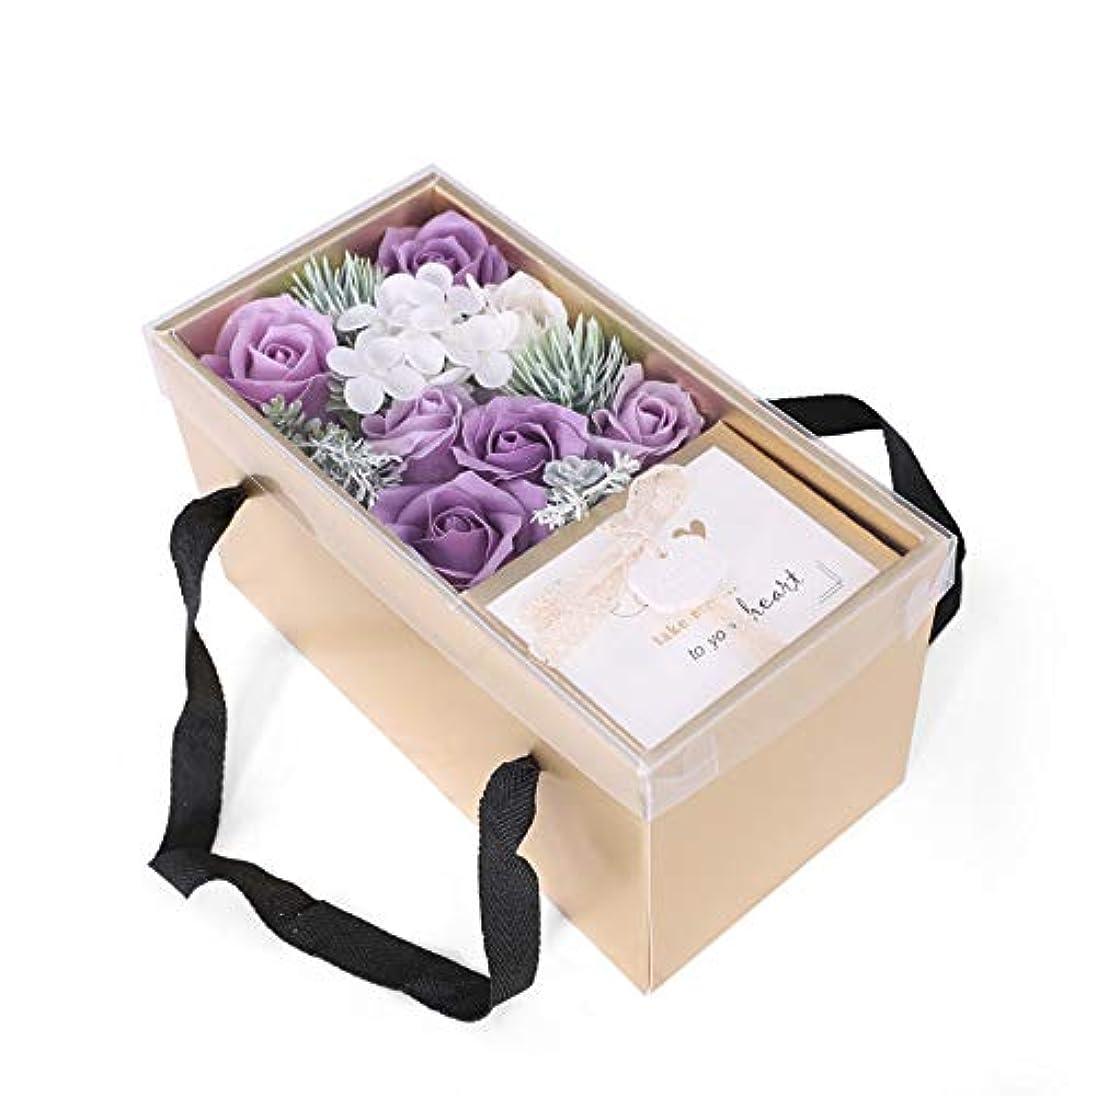 世界的にアトラス稼ぐ生地と花石鹸の花 バスソープフラワーローズフラワーバレンタインデーのために必須ガールフレンド記念日誕生日母の日ポータブルギフトボックス (色 : 紫の)